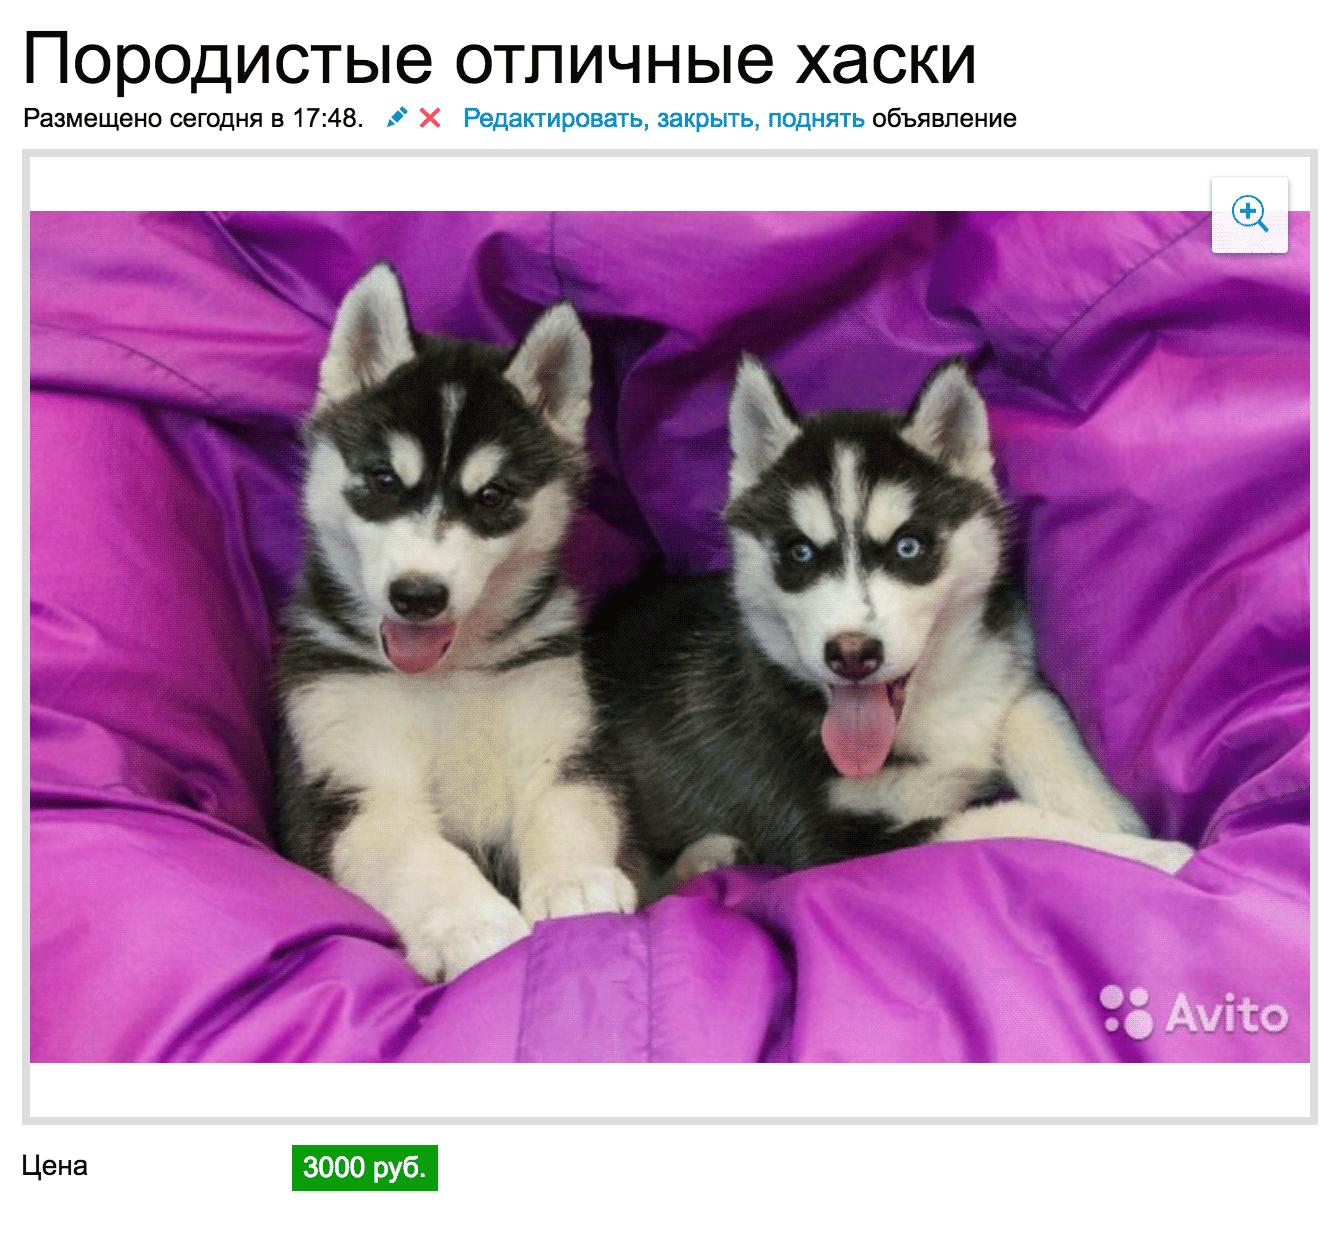 Породистые хаски за 3000 рублей ездят только на иномарках за 149 000